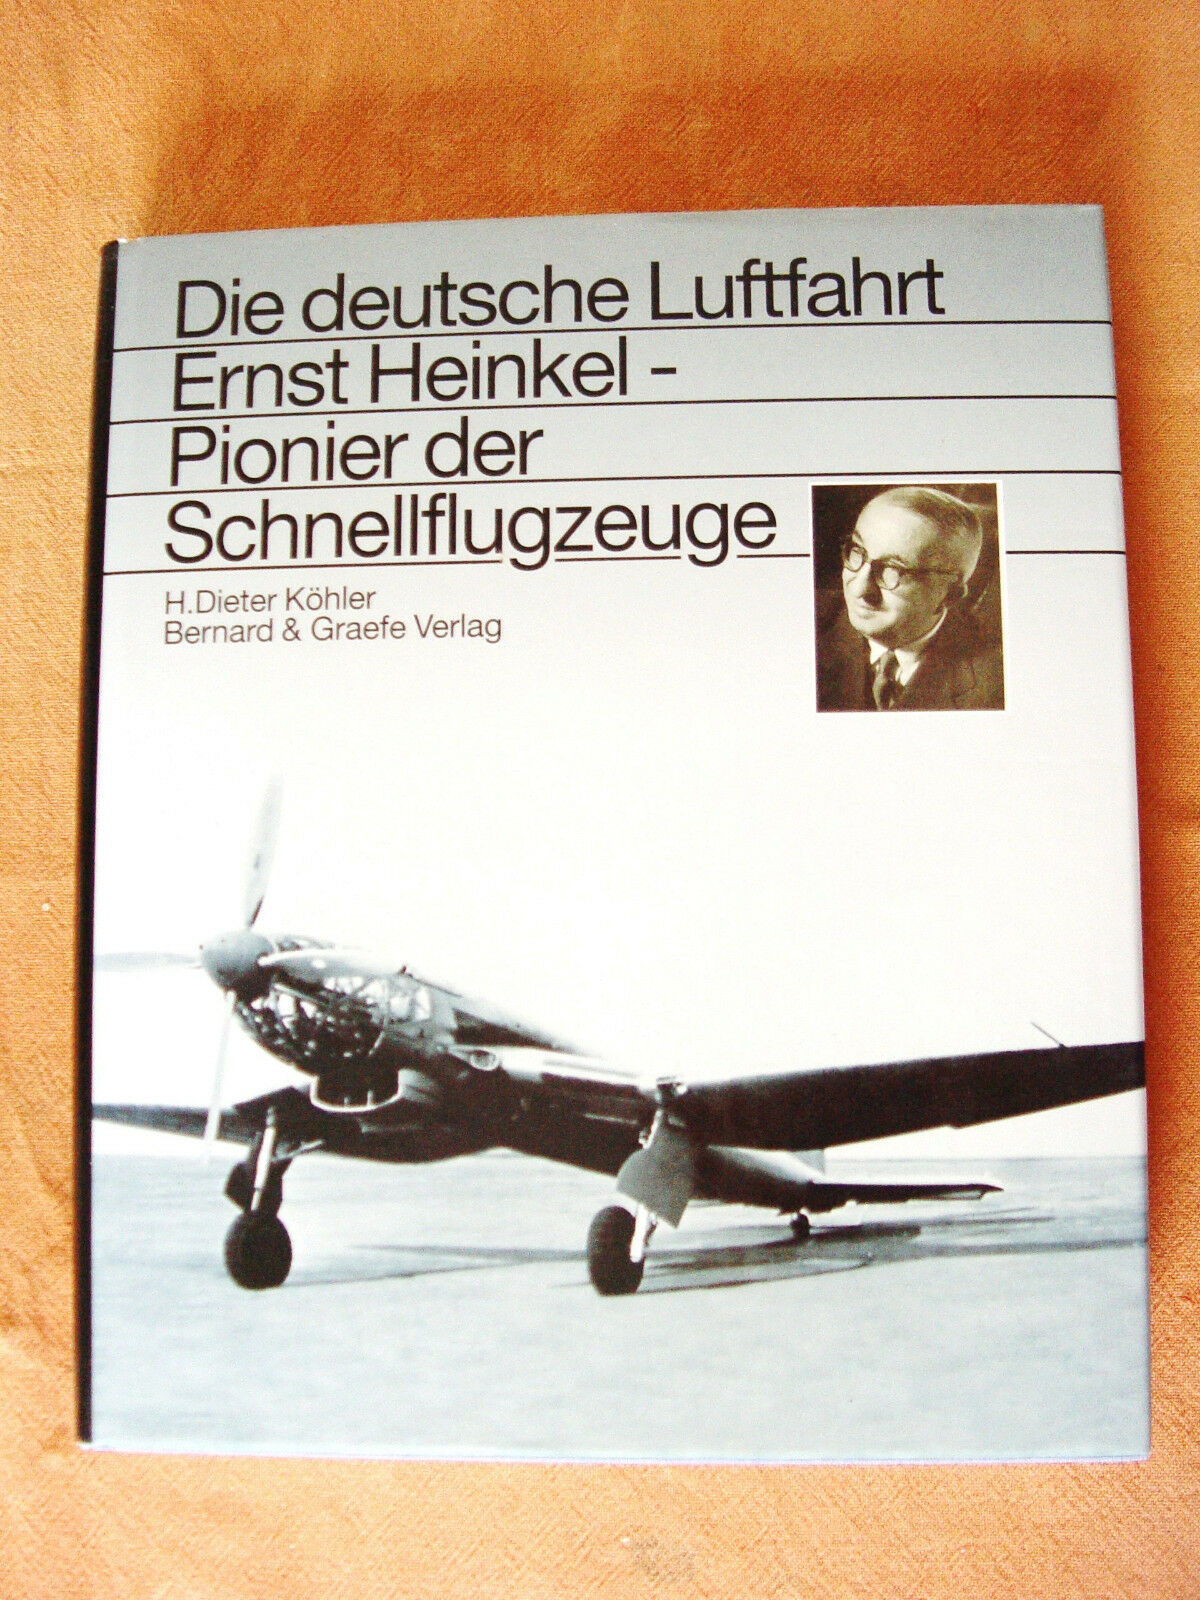 2365  Köhler  Ernst Heinkel - Pionier der Schnellflugzeuge - Bernhard & Gräfe